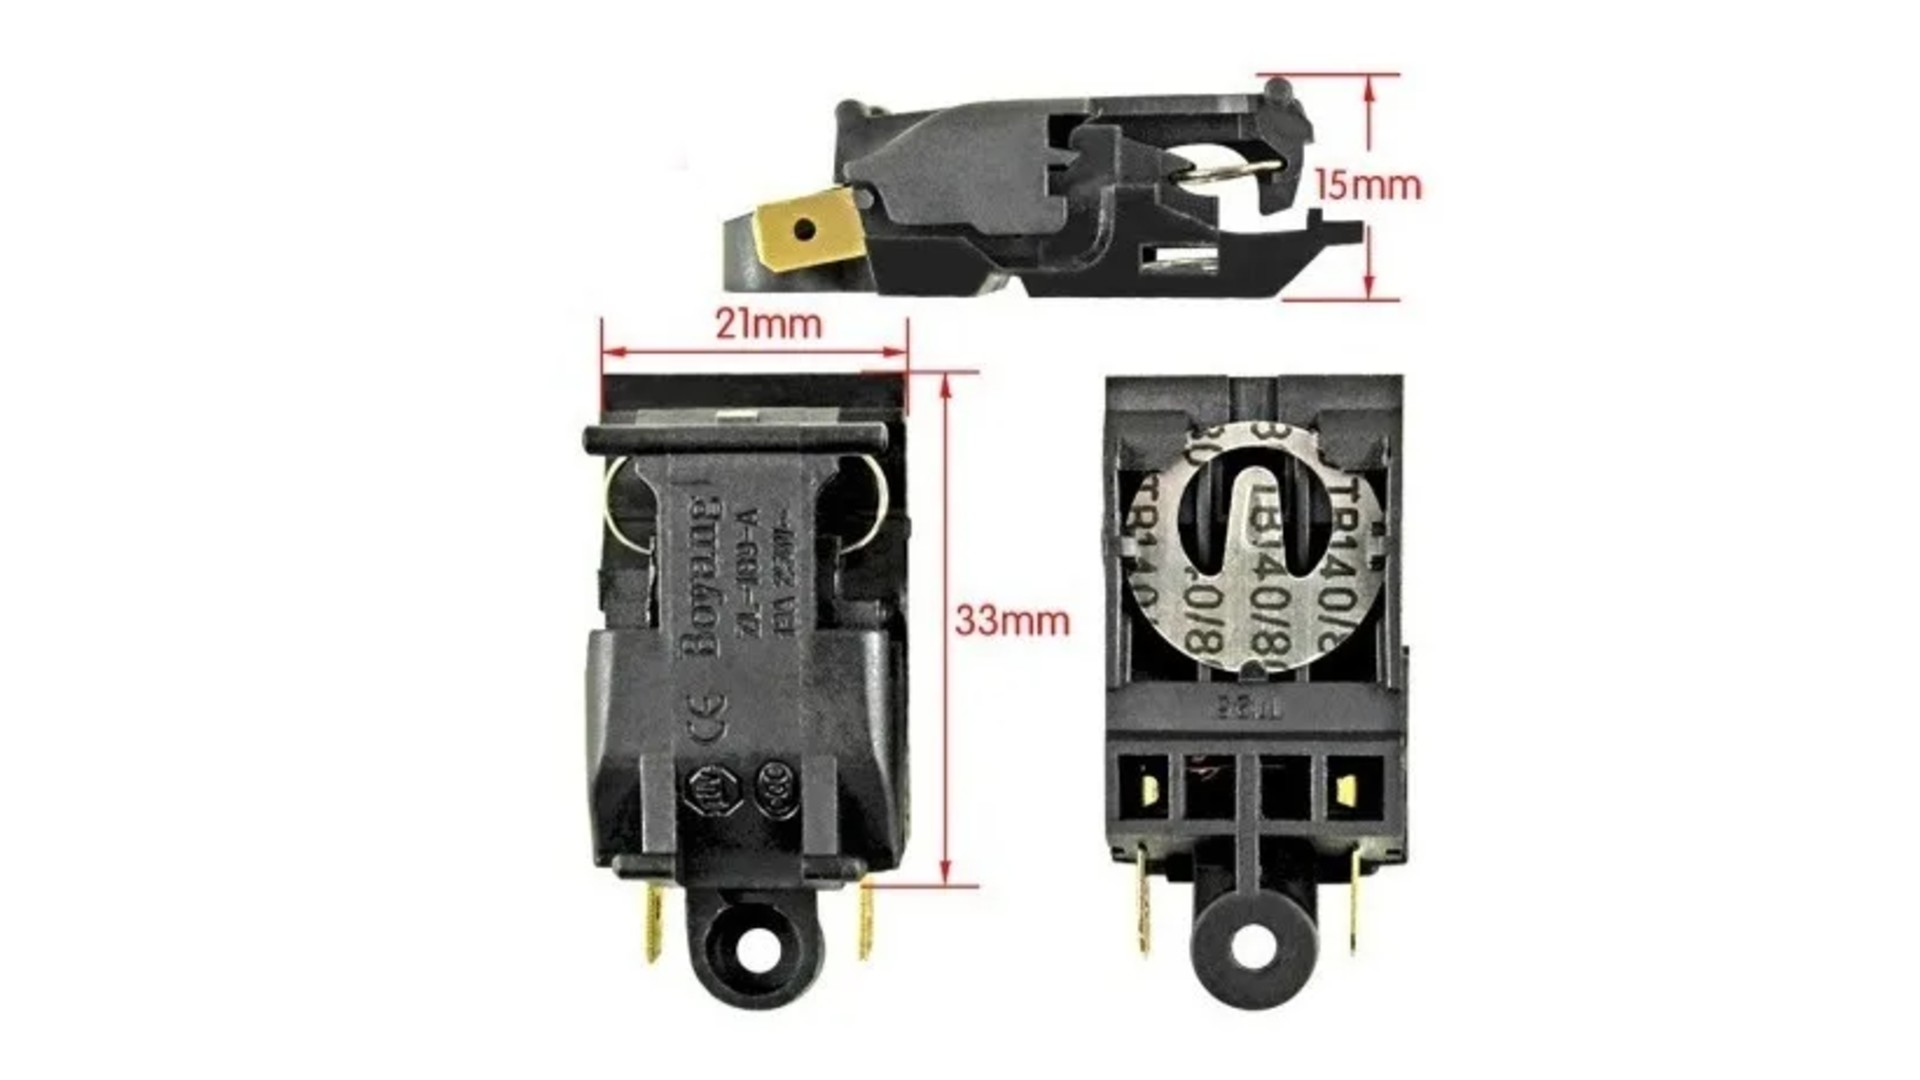 Kit Interruptor Chave Termostato Chaleira Elétrica 5 un